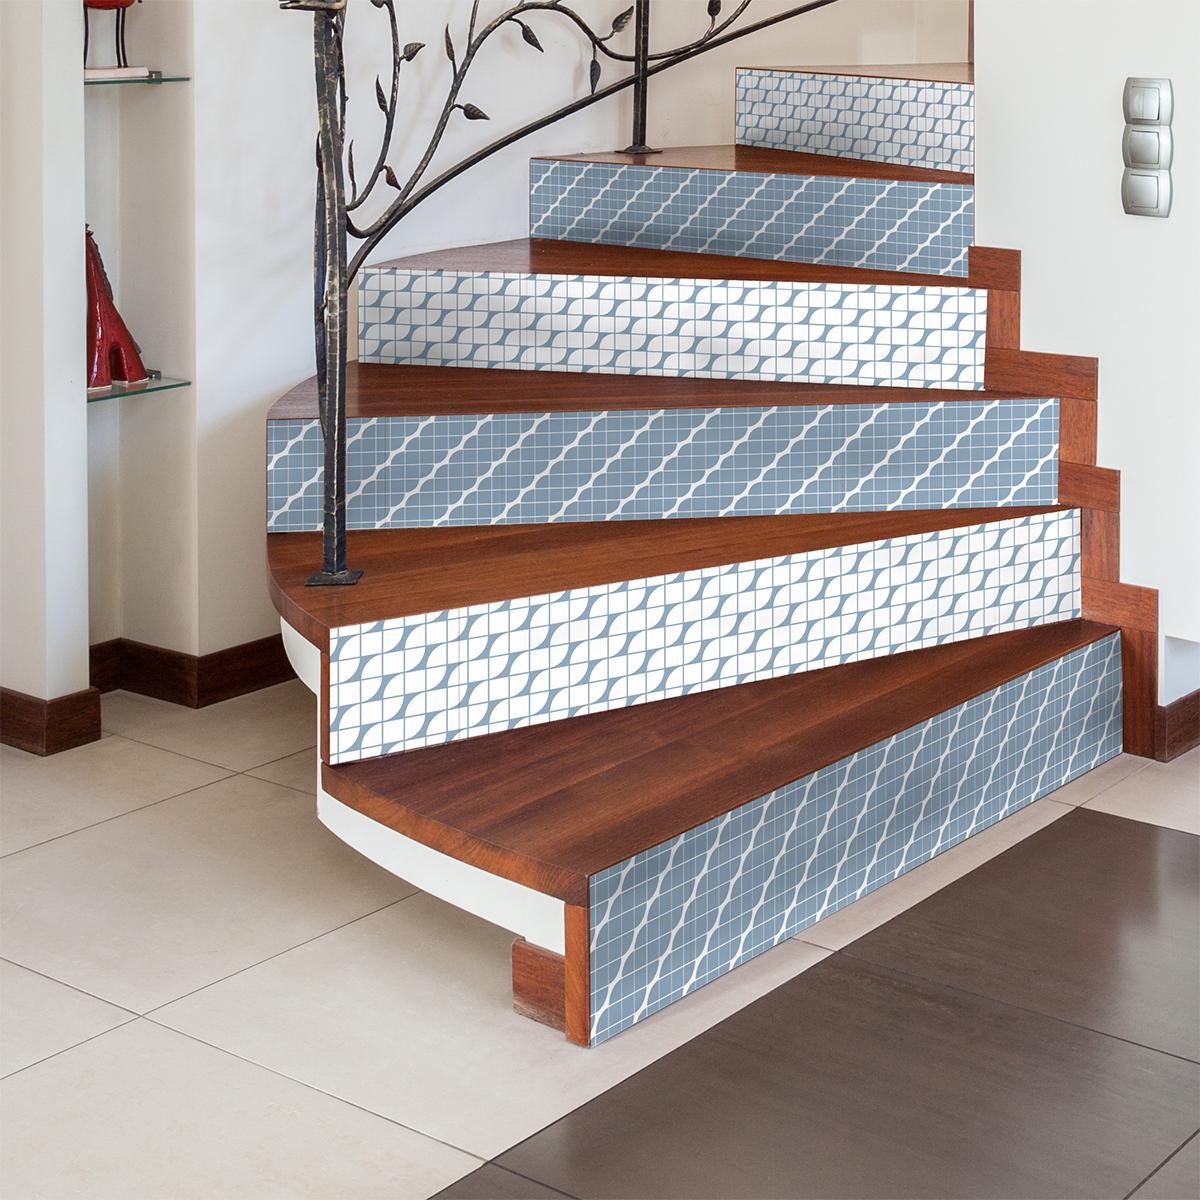 stickers contremarche carreaux de ciment sigrid x 2 jenica nouveaut s ambiance sticker. Black Bedroom Furniture Sets. Home Design Ideas